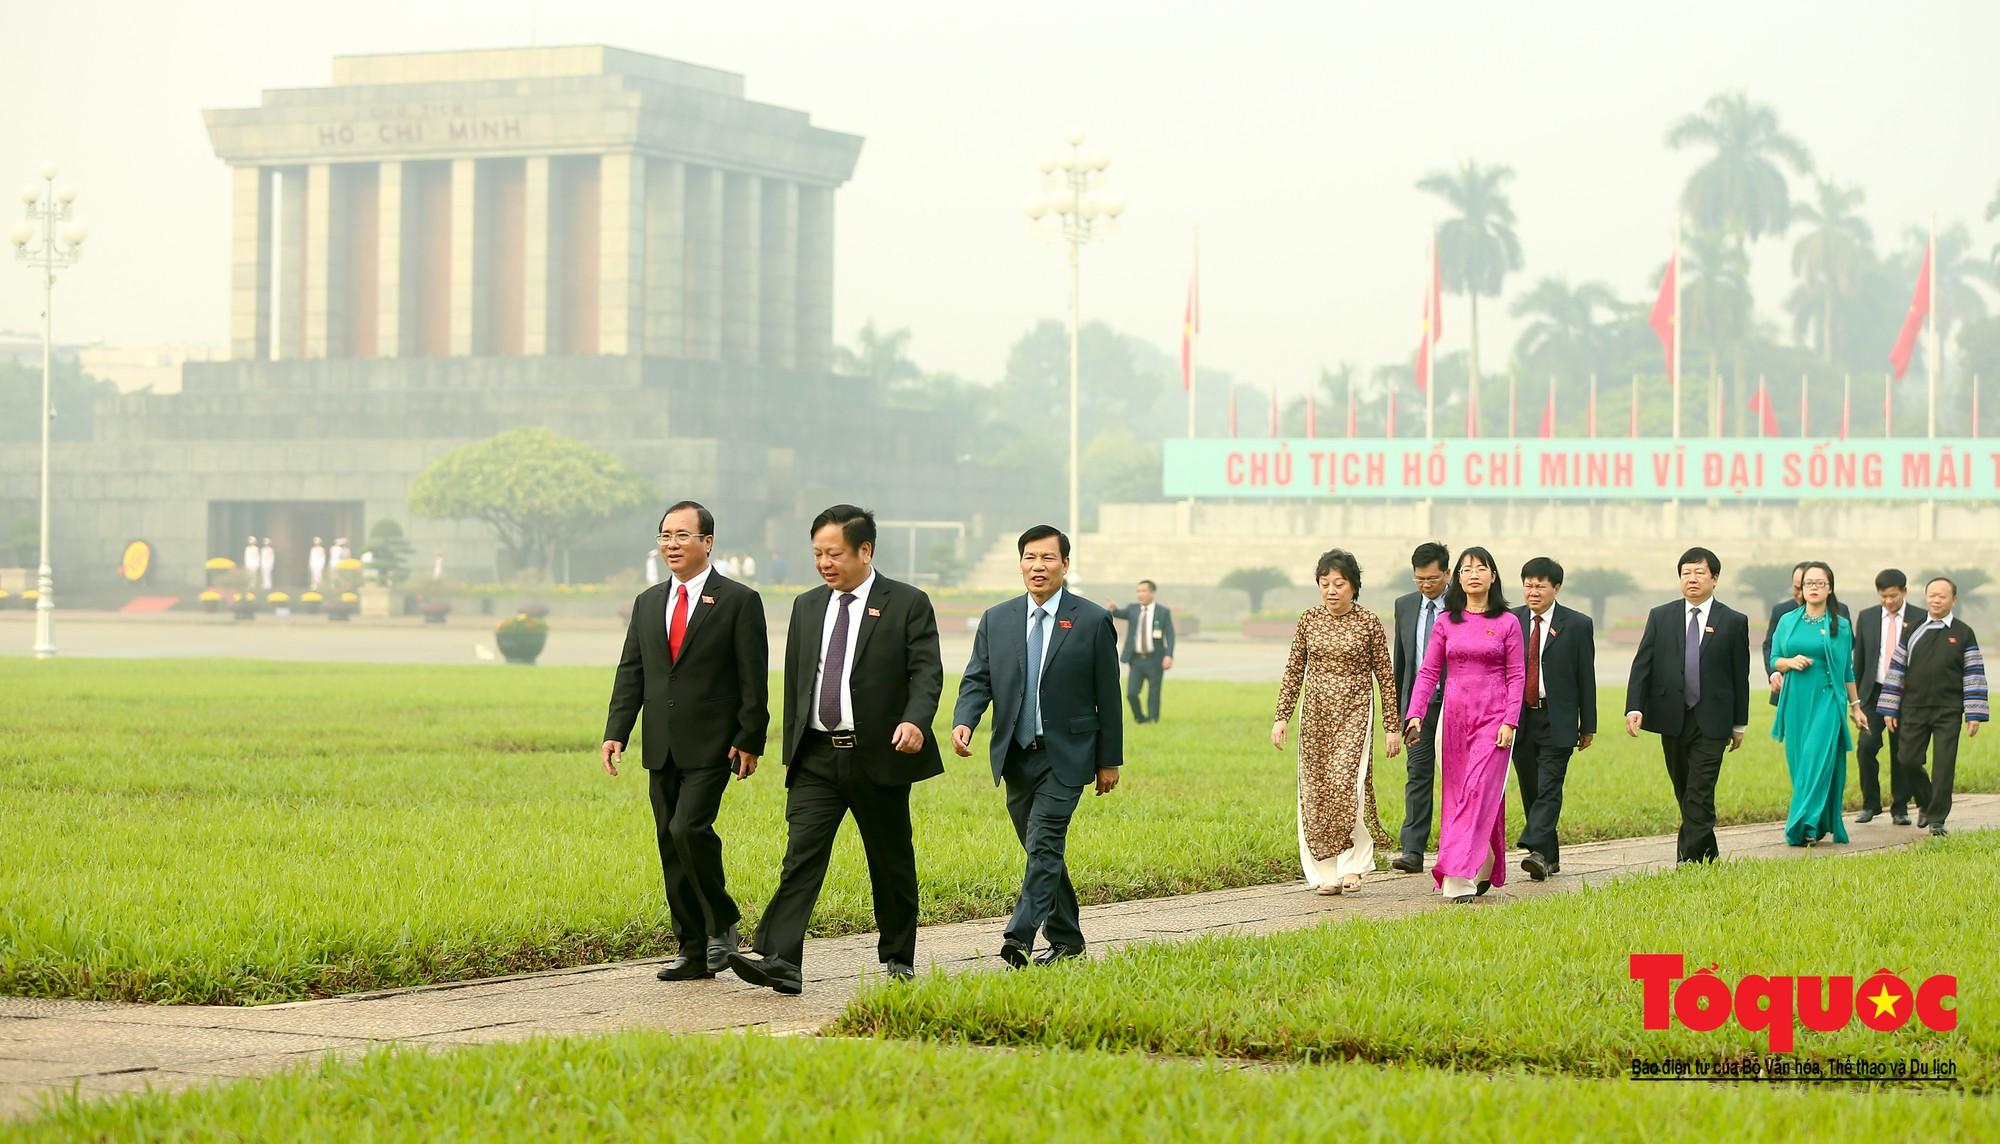 Đại biểu QH viếng Chủ tịch Hồ Chí Minh ngày khai mạc kỳ họp thứ 813